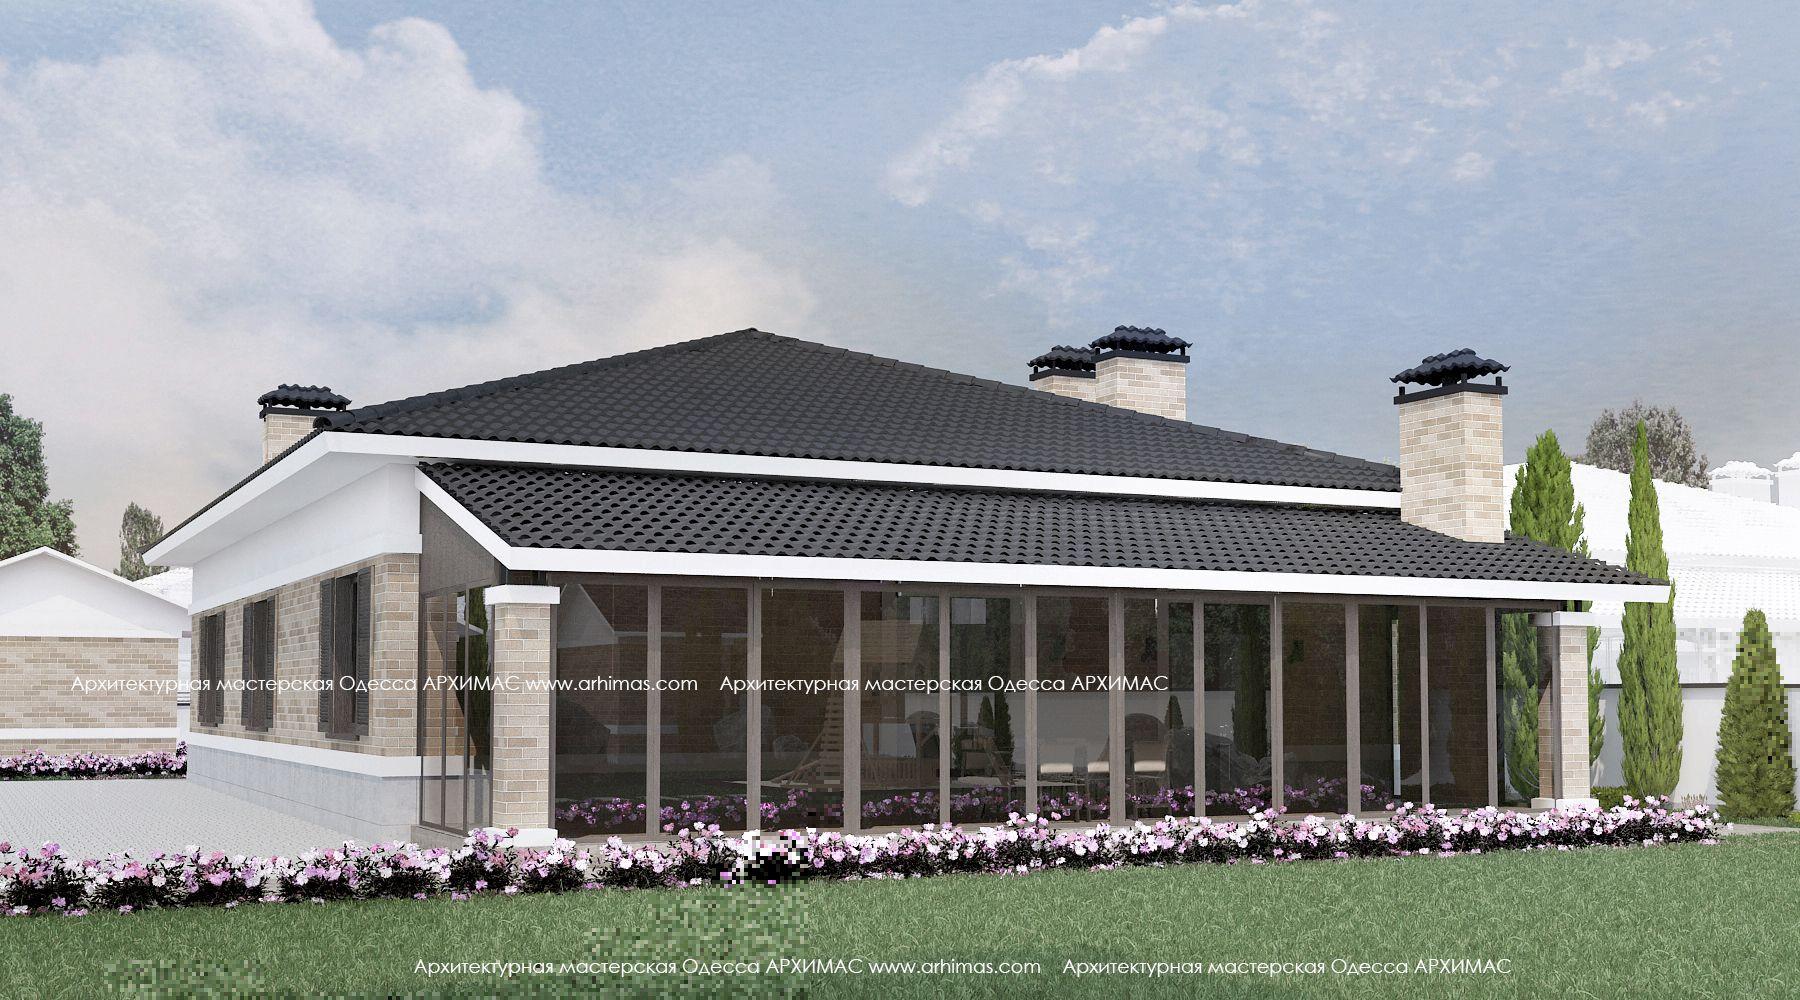 Проект одноэтажного загородного дома цена Одесса Архимас